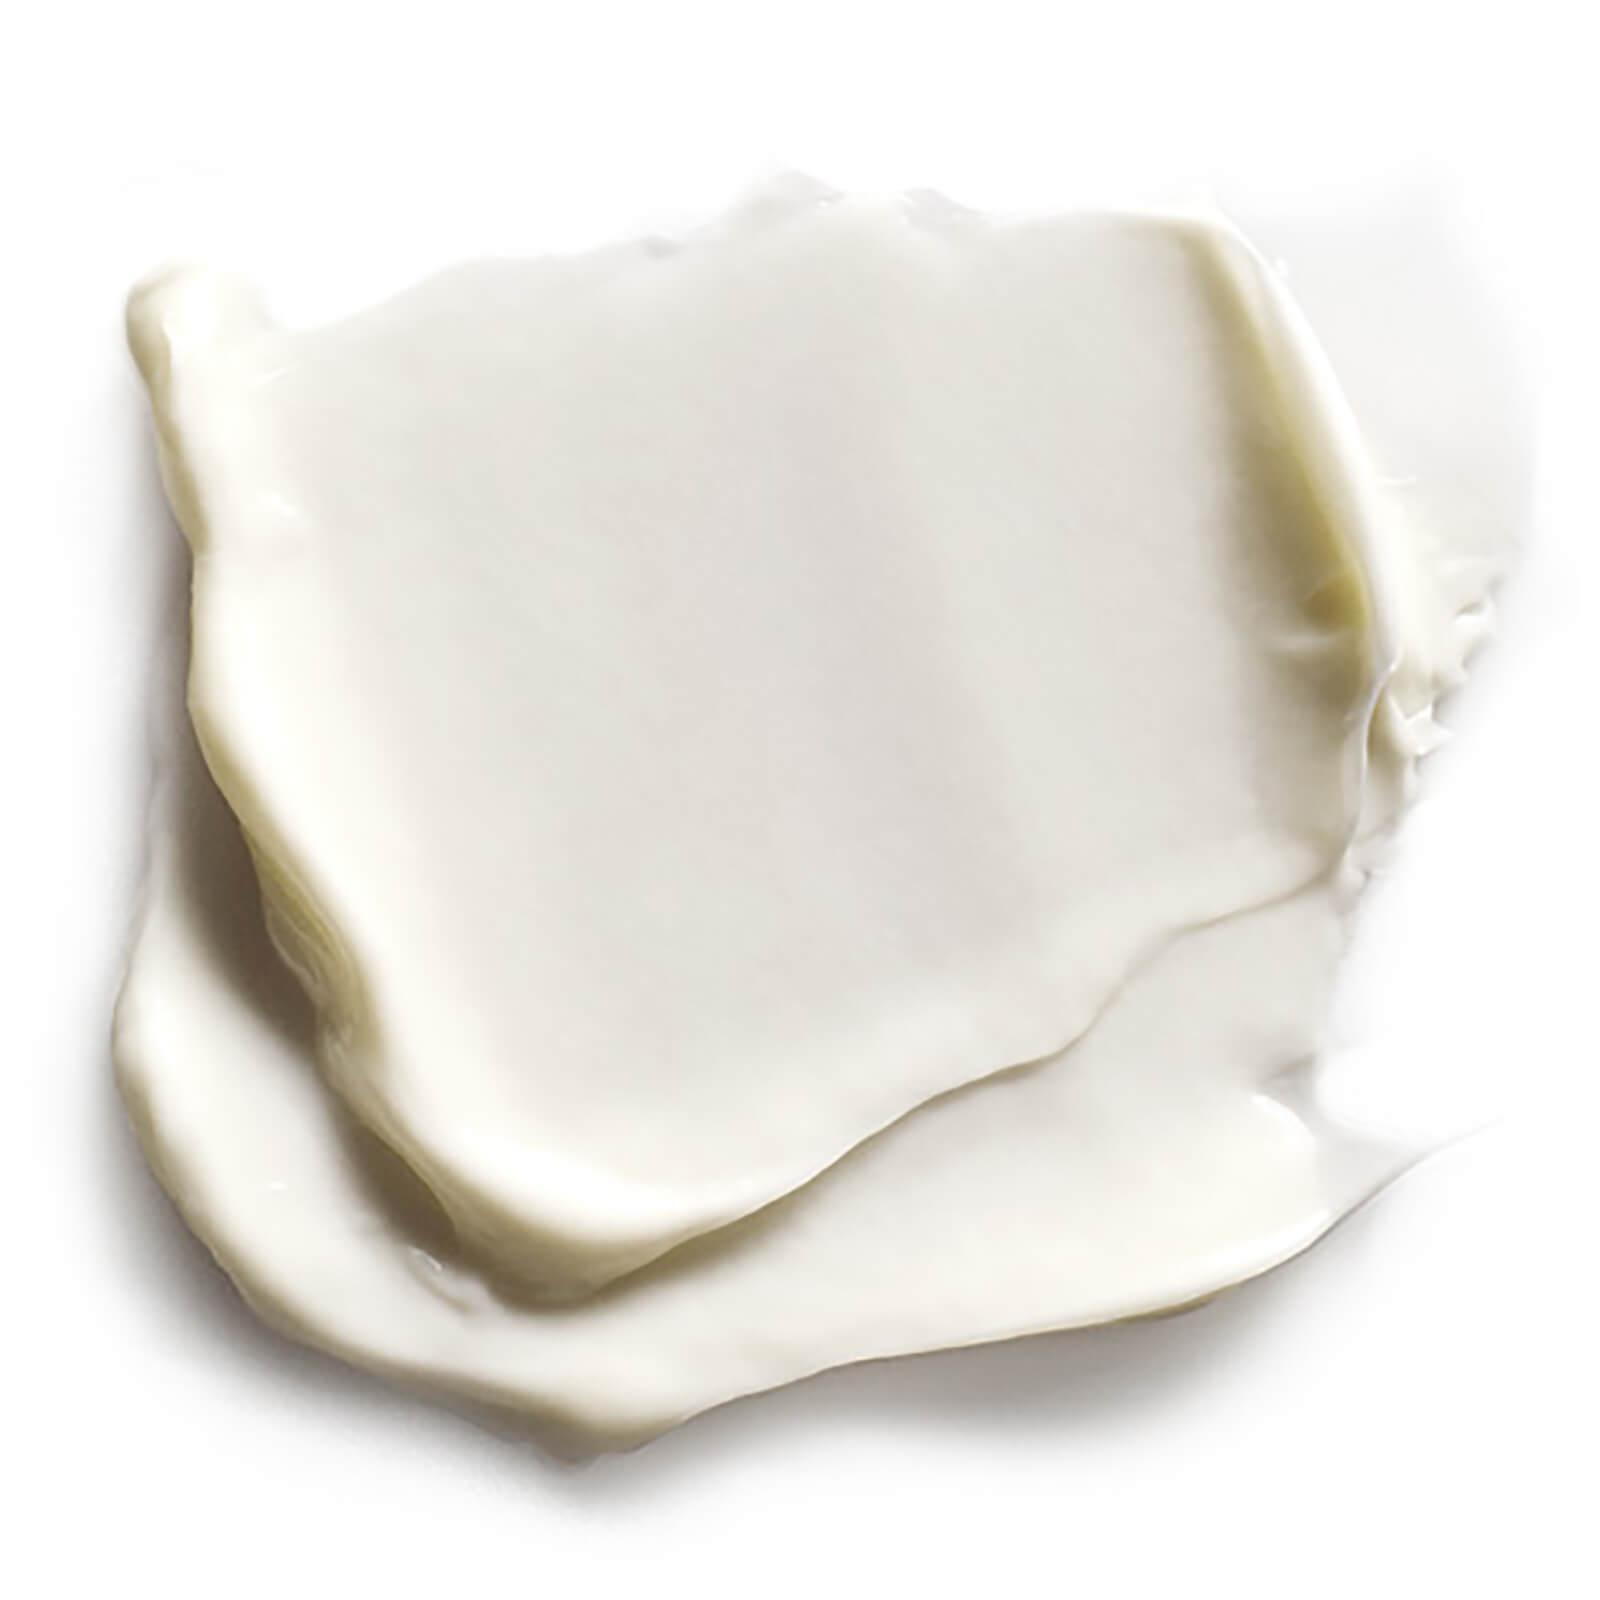 Питательный крем для рук Rose Hand Cream Jurlique Австралия 125 мл(р) — фото №2